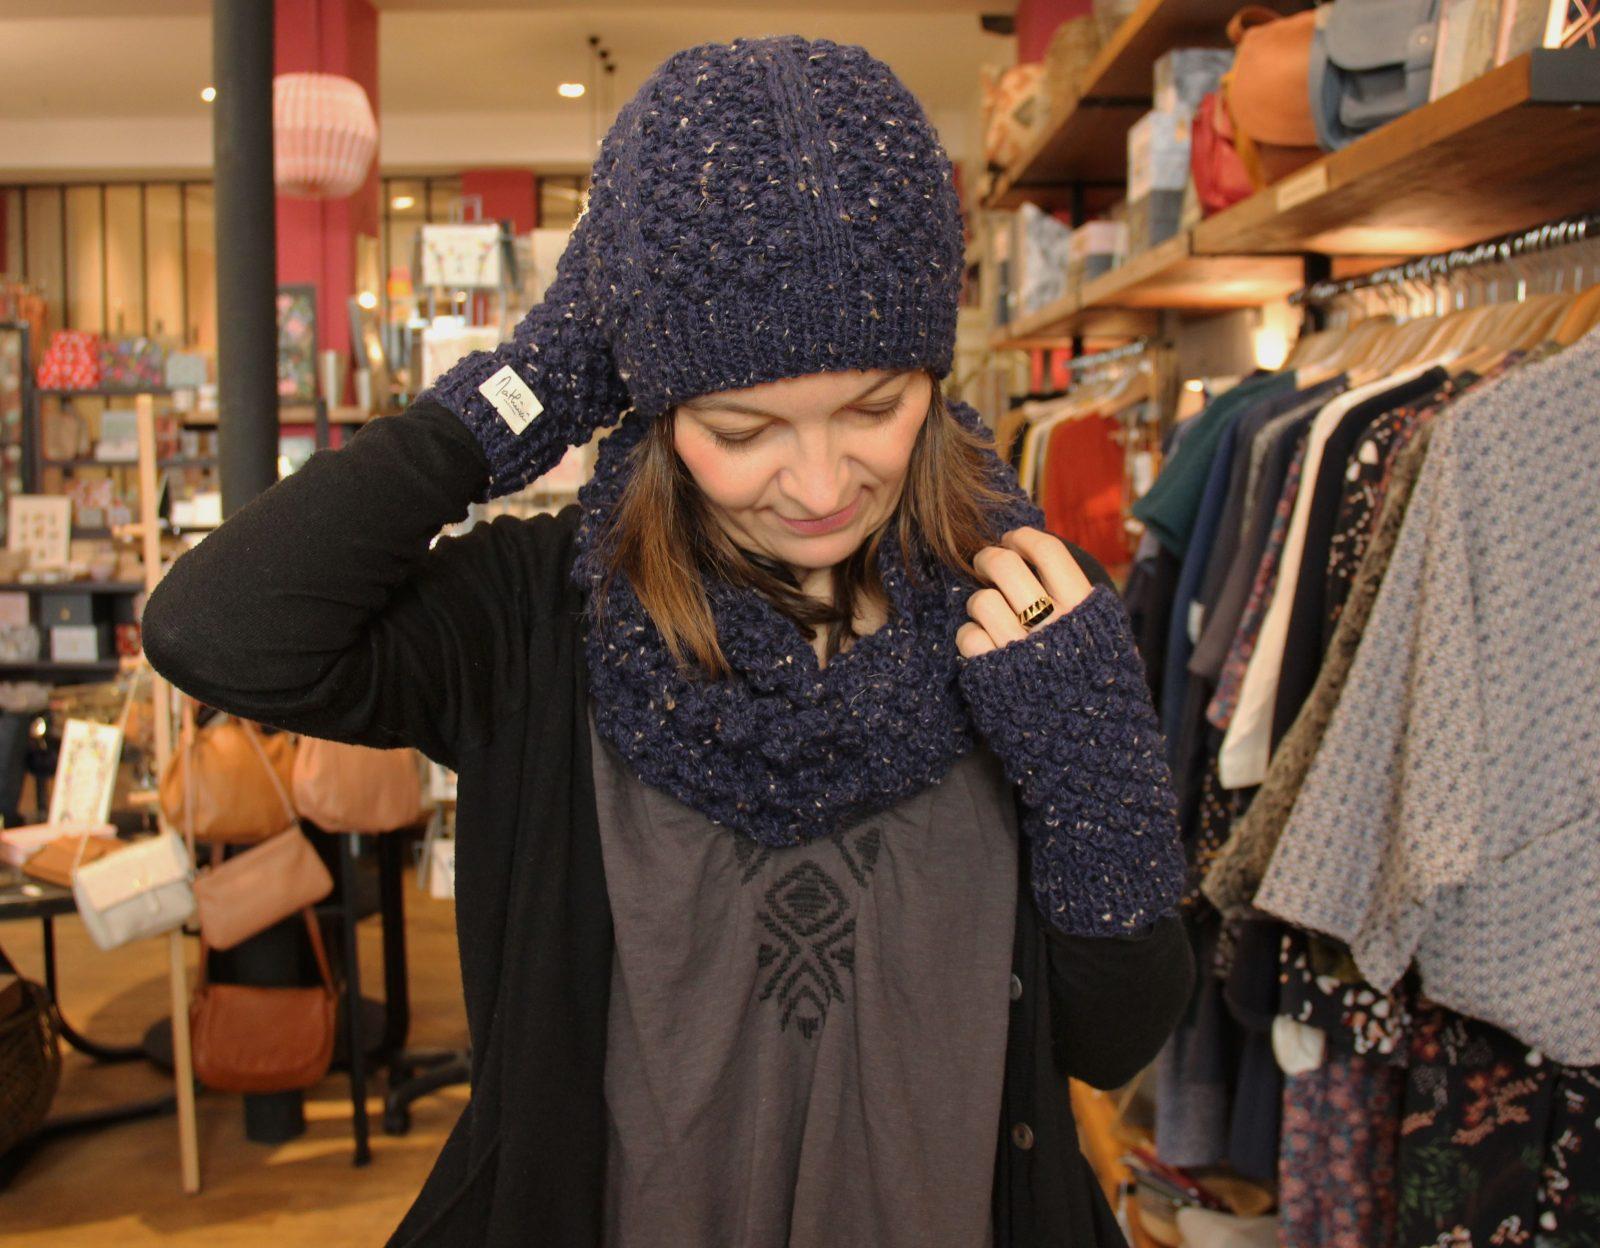 mathûvû création mathûvû laine fait main mitaines bonnet snood lyon